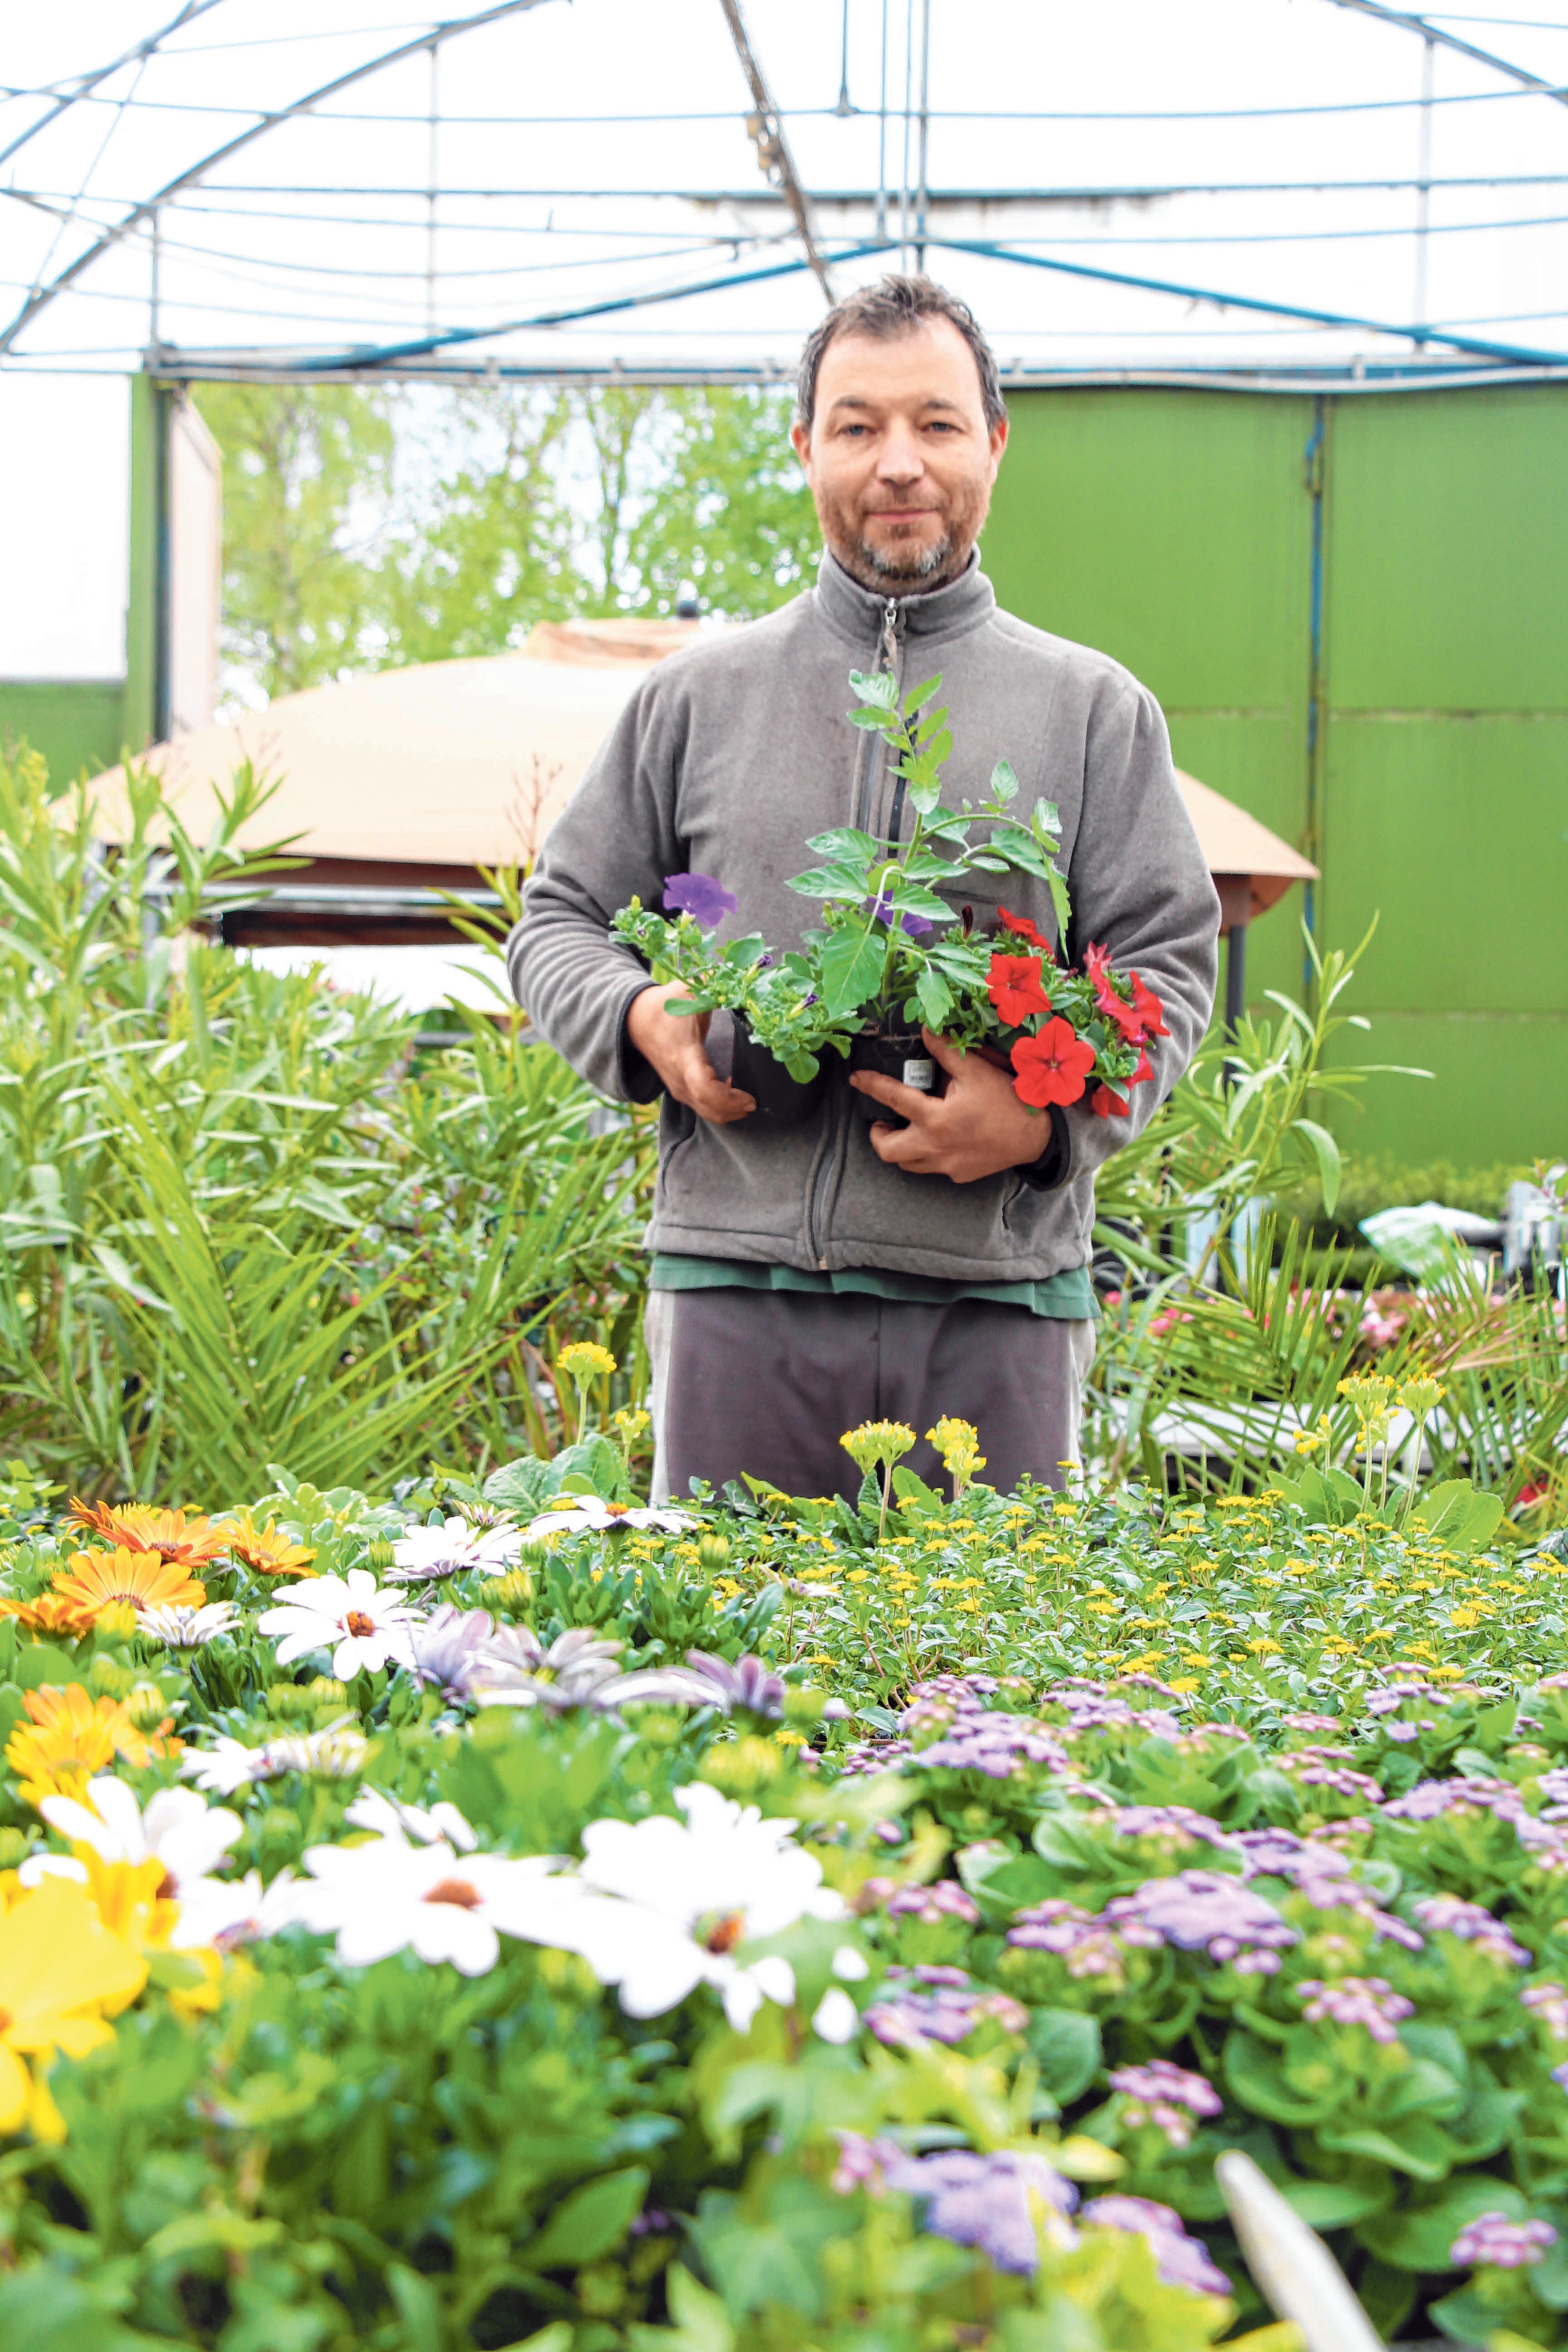 Christian Masetti bietet Gemüsesetzlinge und Blumen in großer Auswahl an. Foto: Schmidl